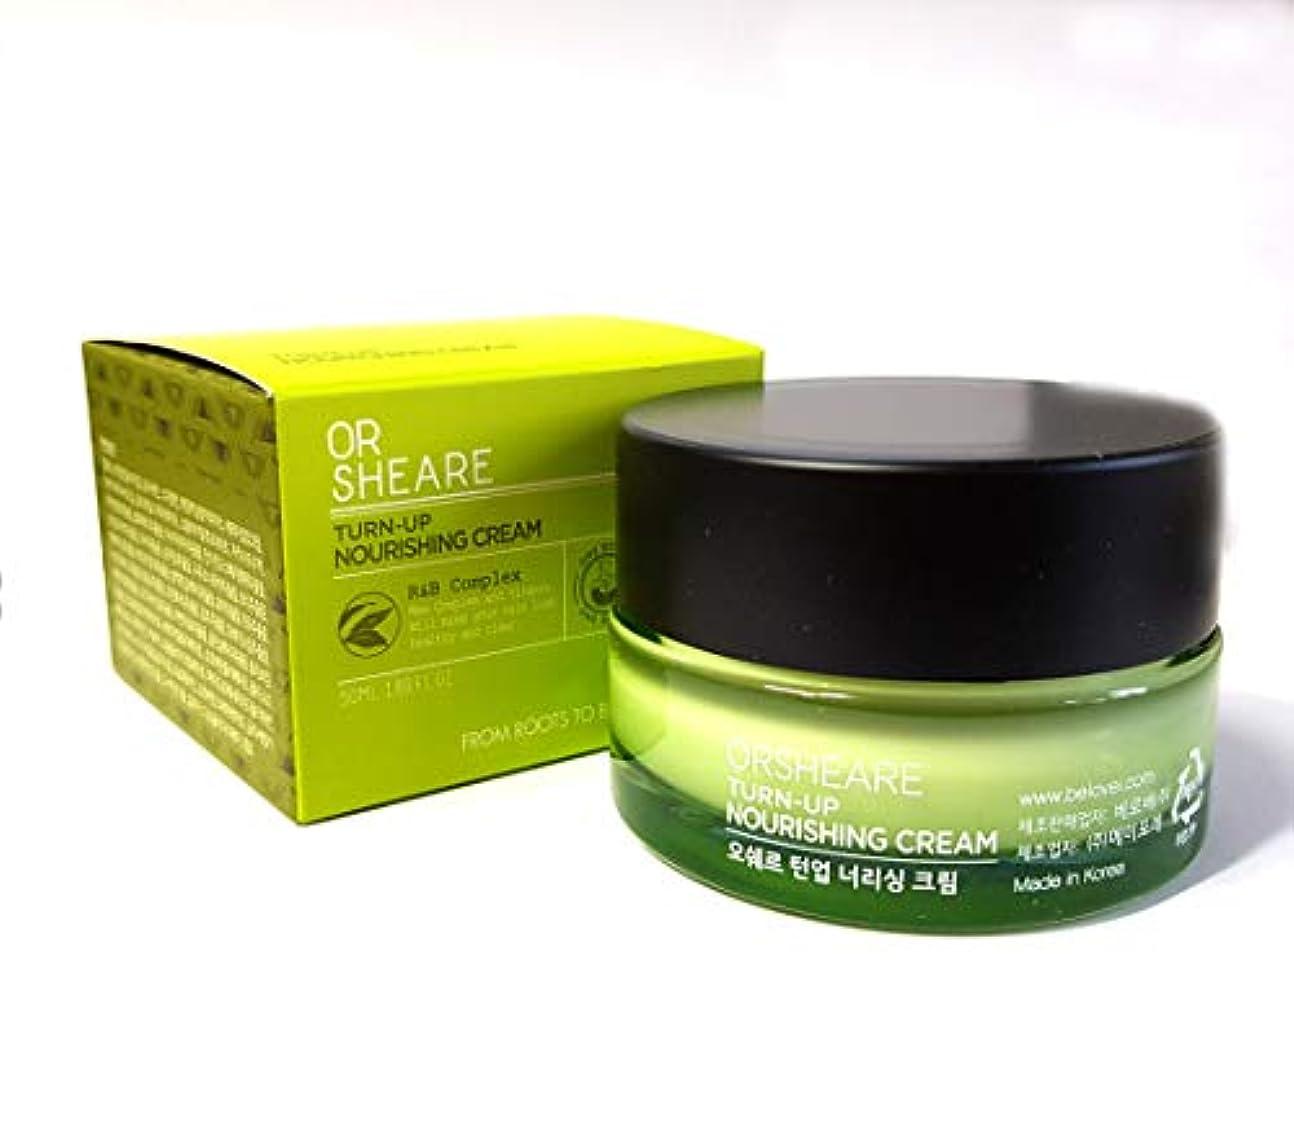 実験をするシンク孤独[OR SHEARE] トンオプ栄養クリーム50ml / Turn-up Nourishing Cream 50ml / 保湿、再生/Moisturizing,Revitalizing/韓国化粧品/Korean Cosmetics...